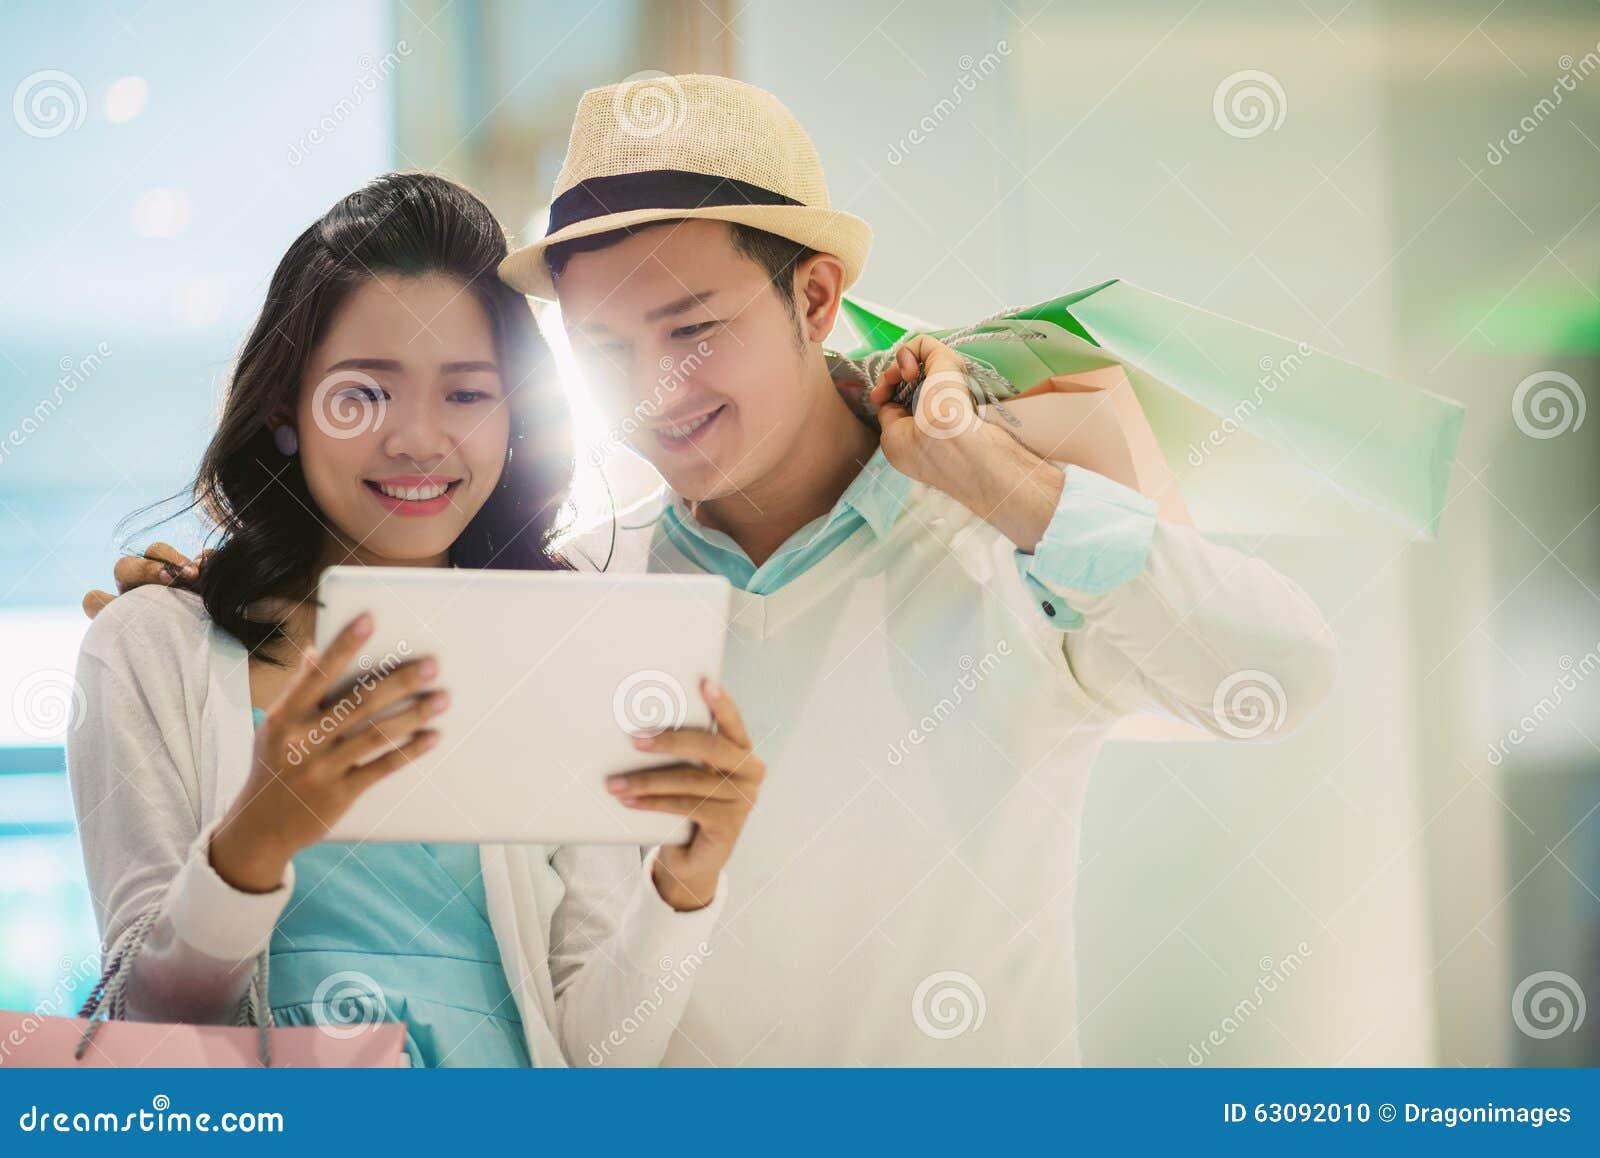 Download Recherche des ventes photo stock. Image du girlfriend - 63092010